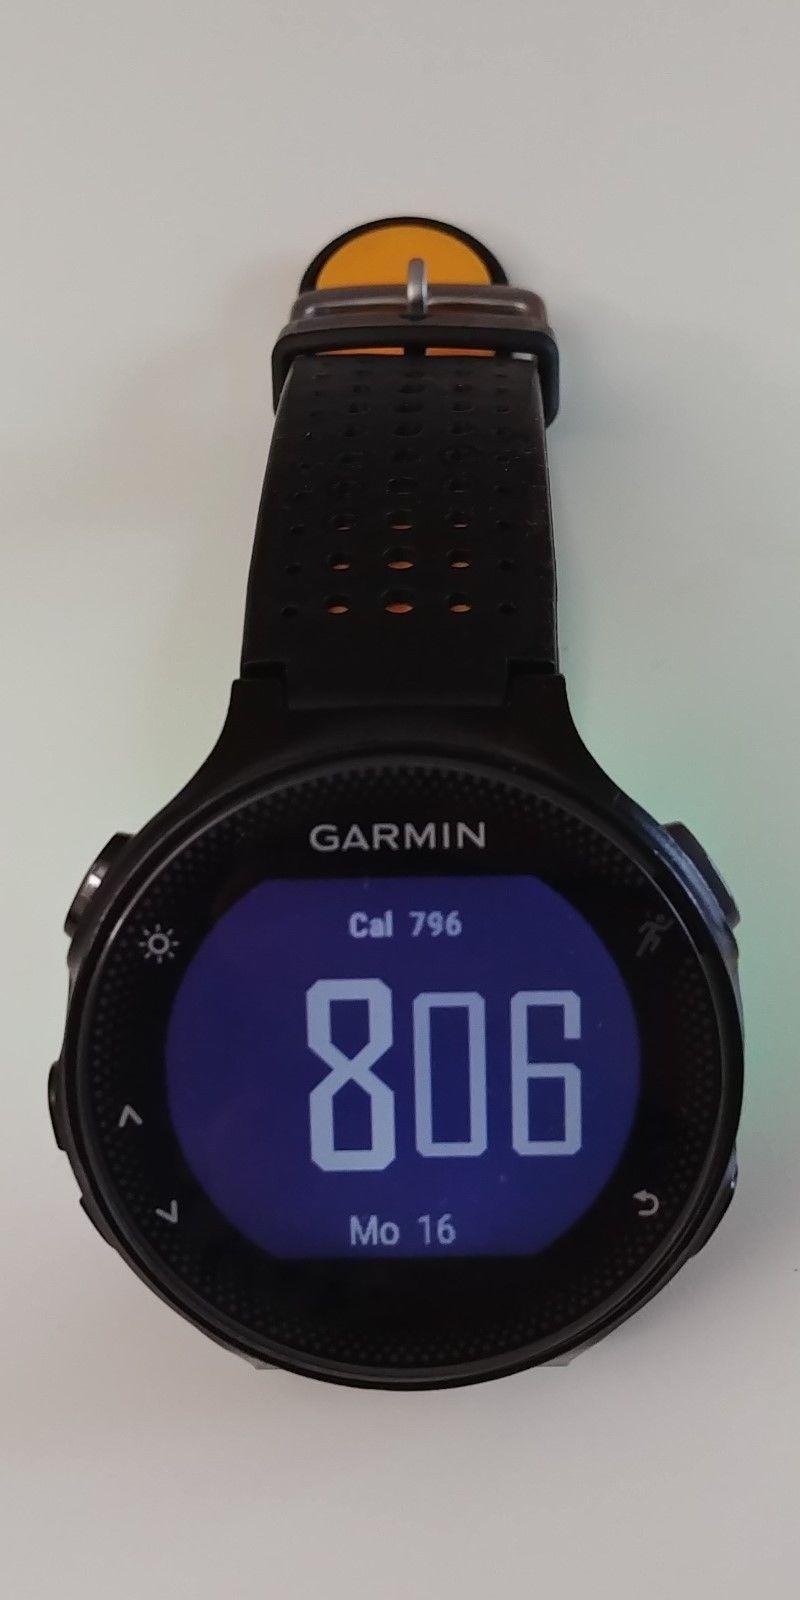 Garmin Forerunner 235 schwarz/grau mit Wechselarmband orange und Displayschutz